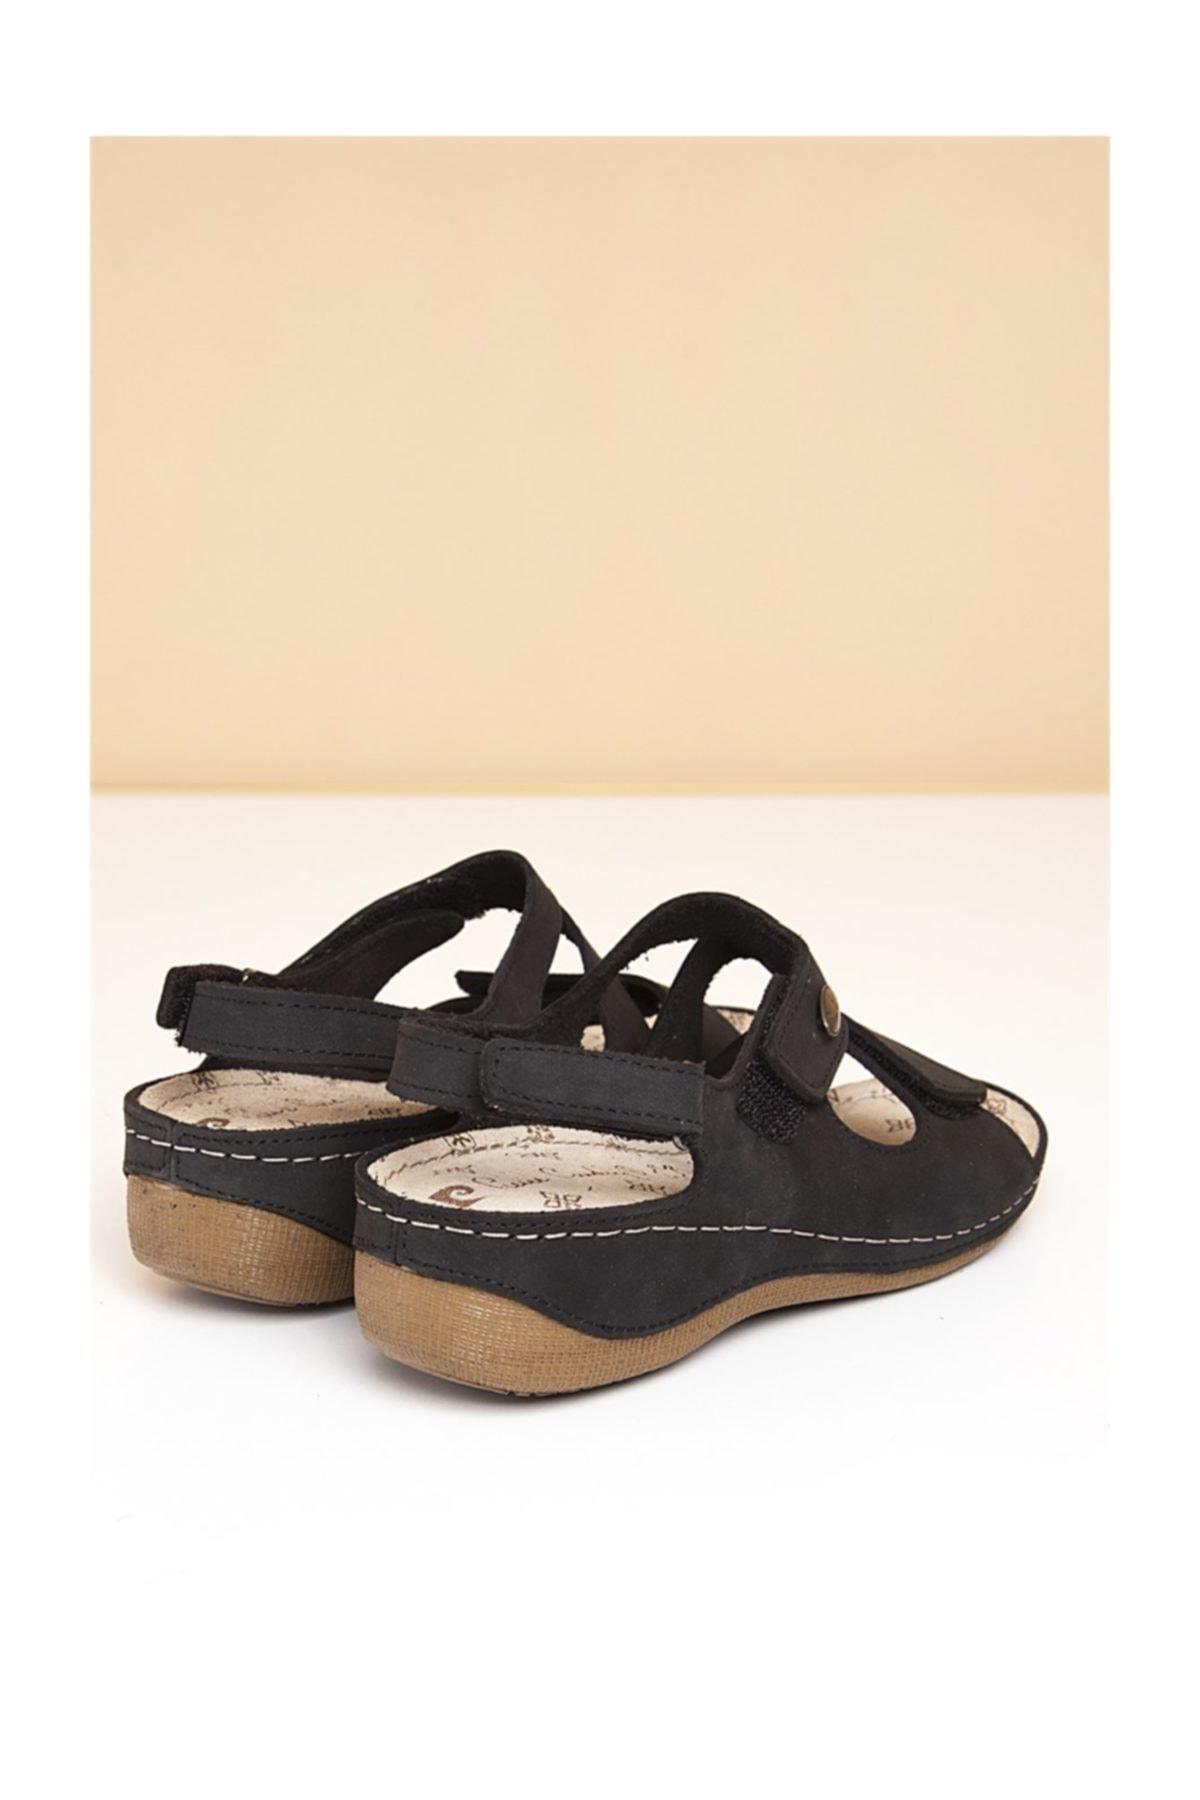 Pierre Cardin PC-2610 Siyah Kadın Sandalet 2